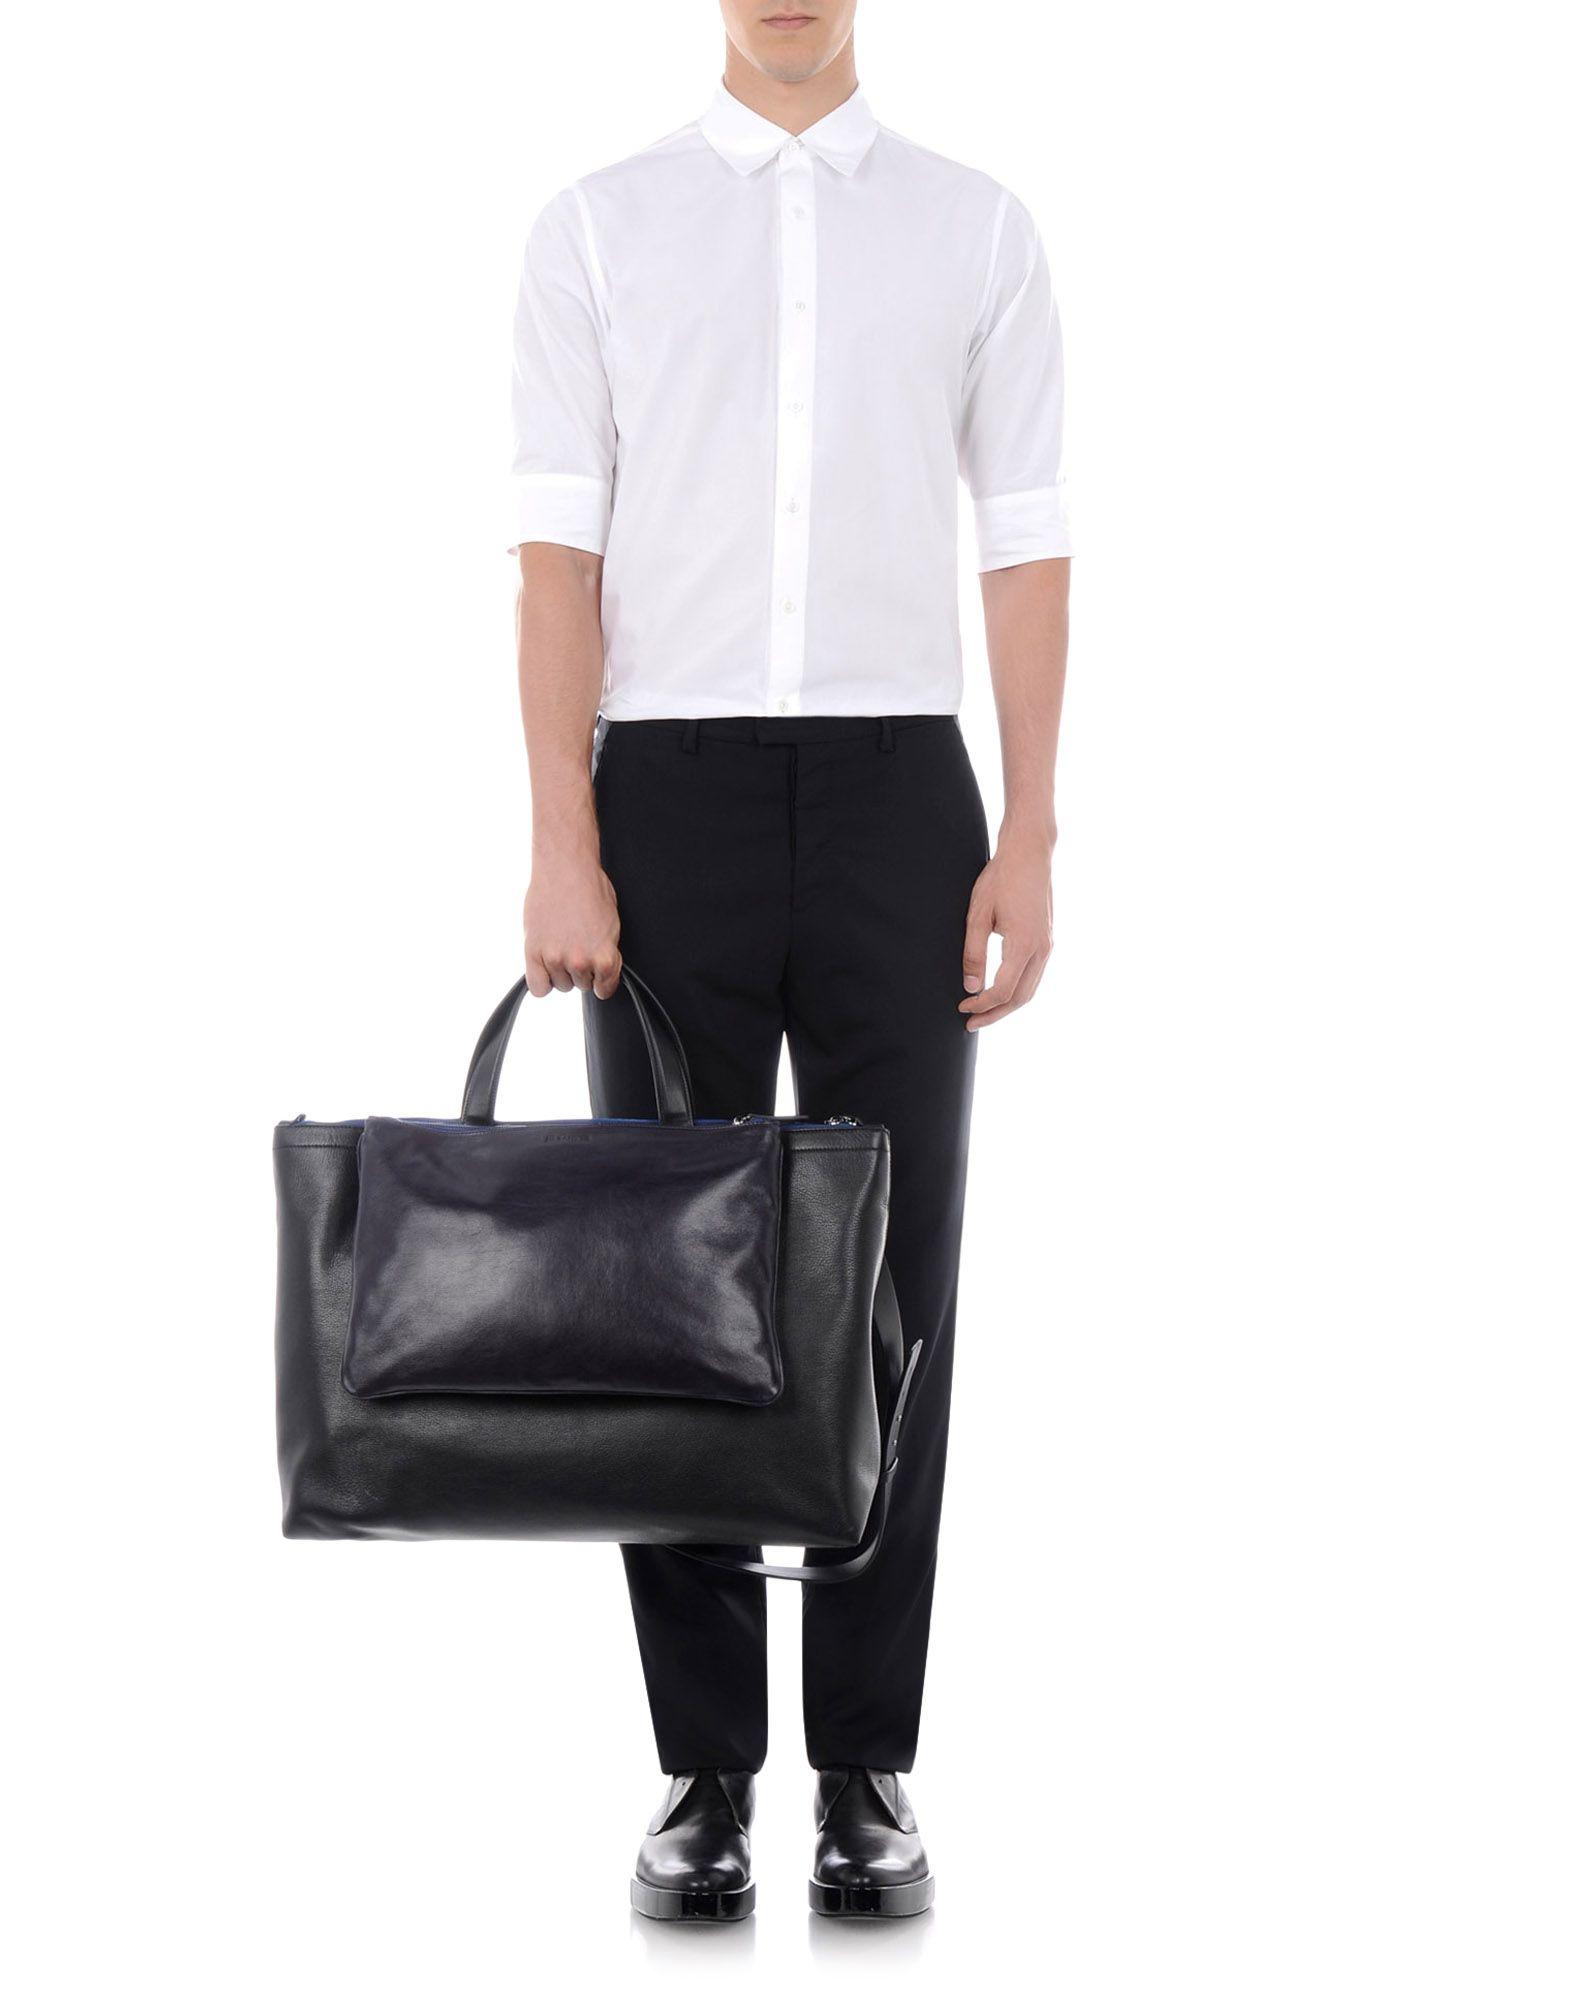 Weekend Bag Men Bags Men On Jil Sander Online Store